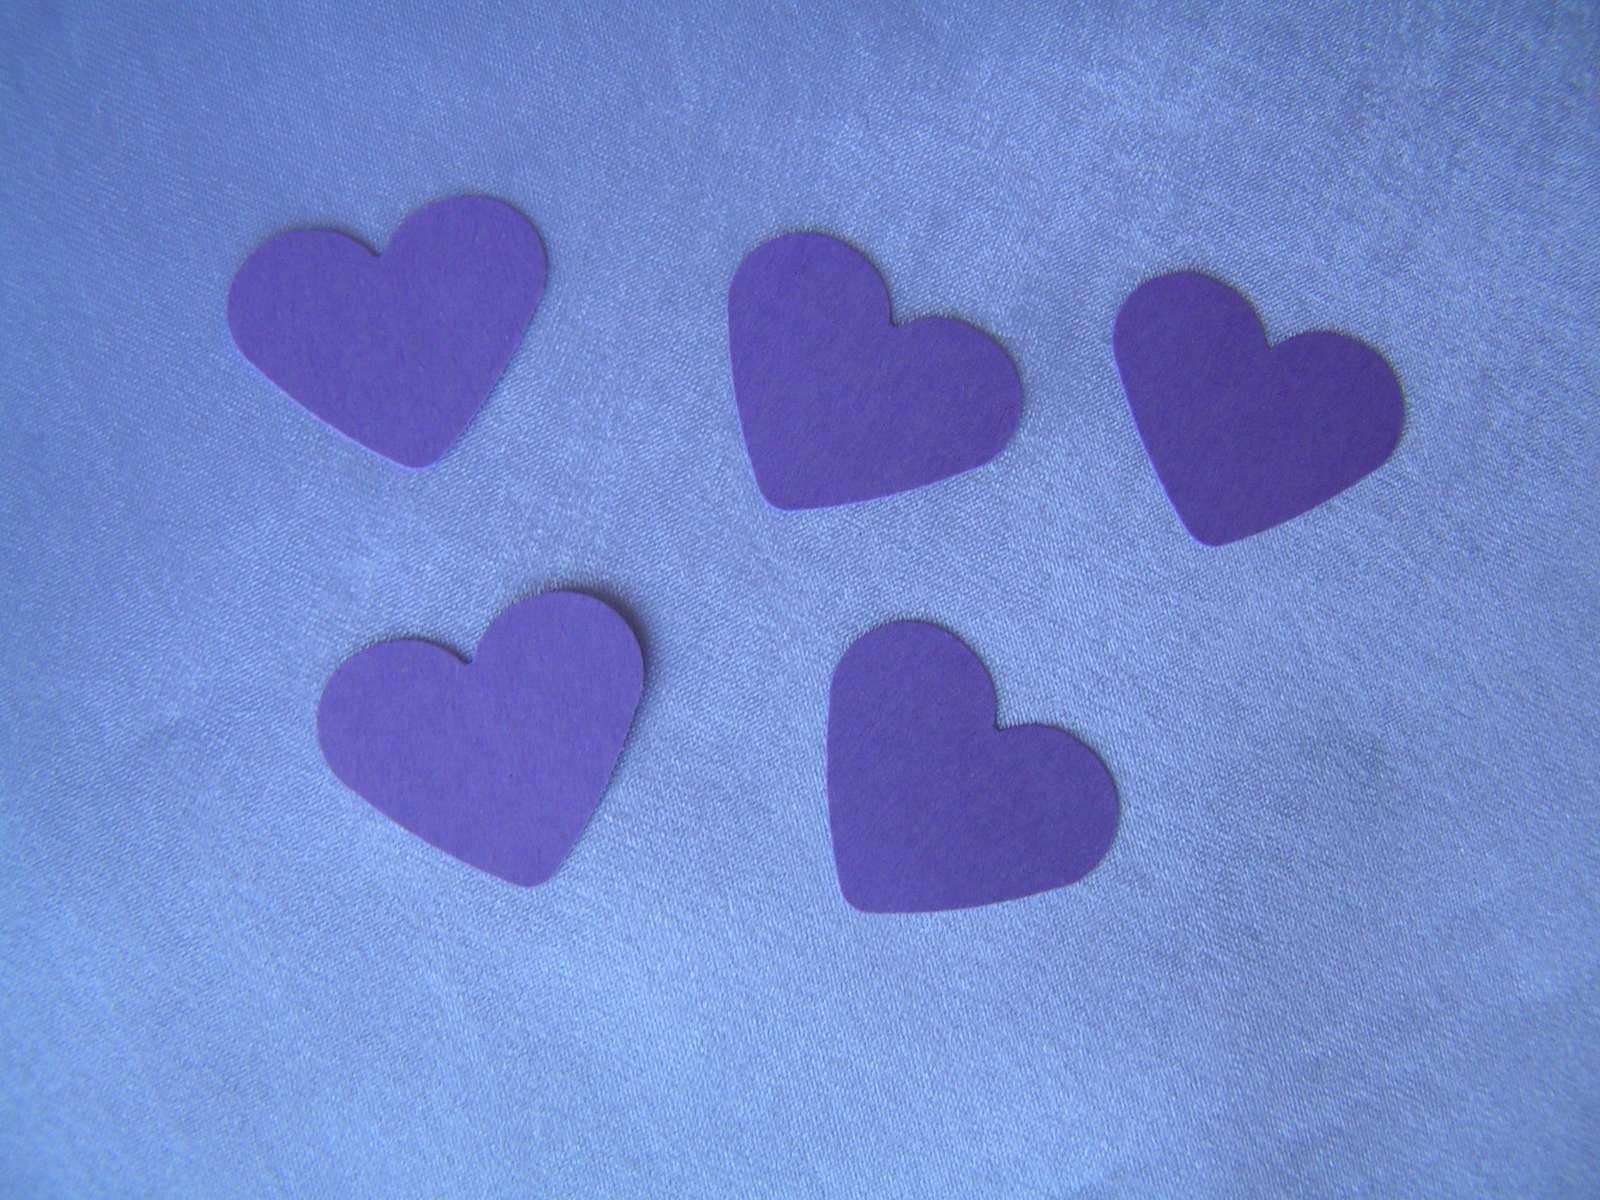 Papírové konfety - Obrázek č. 1